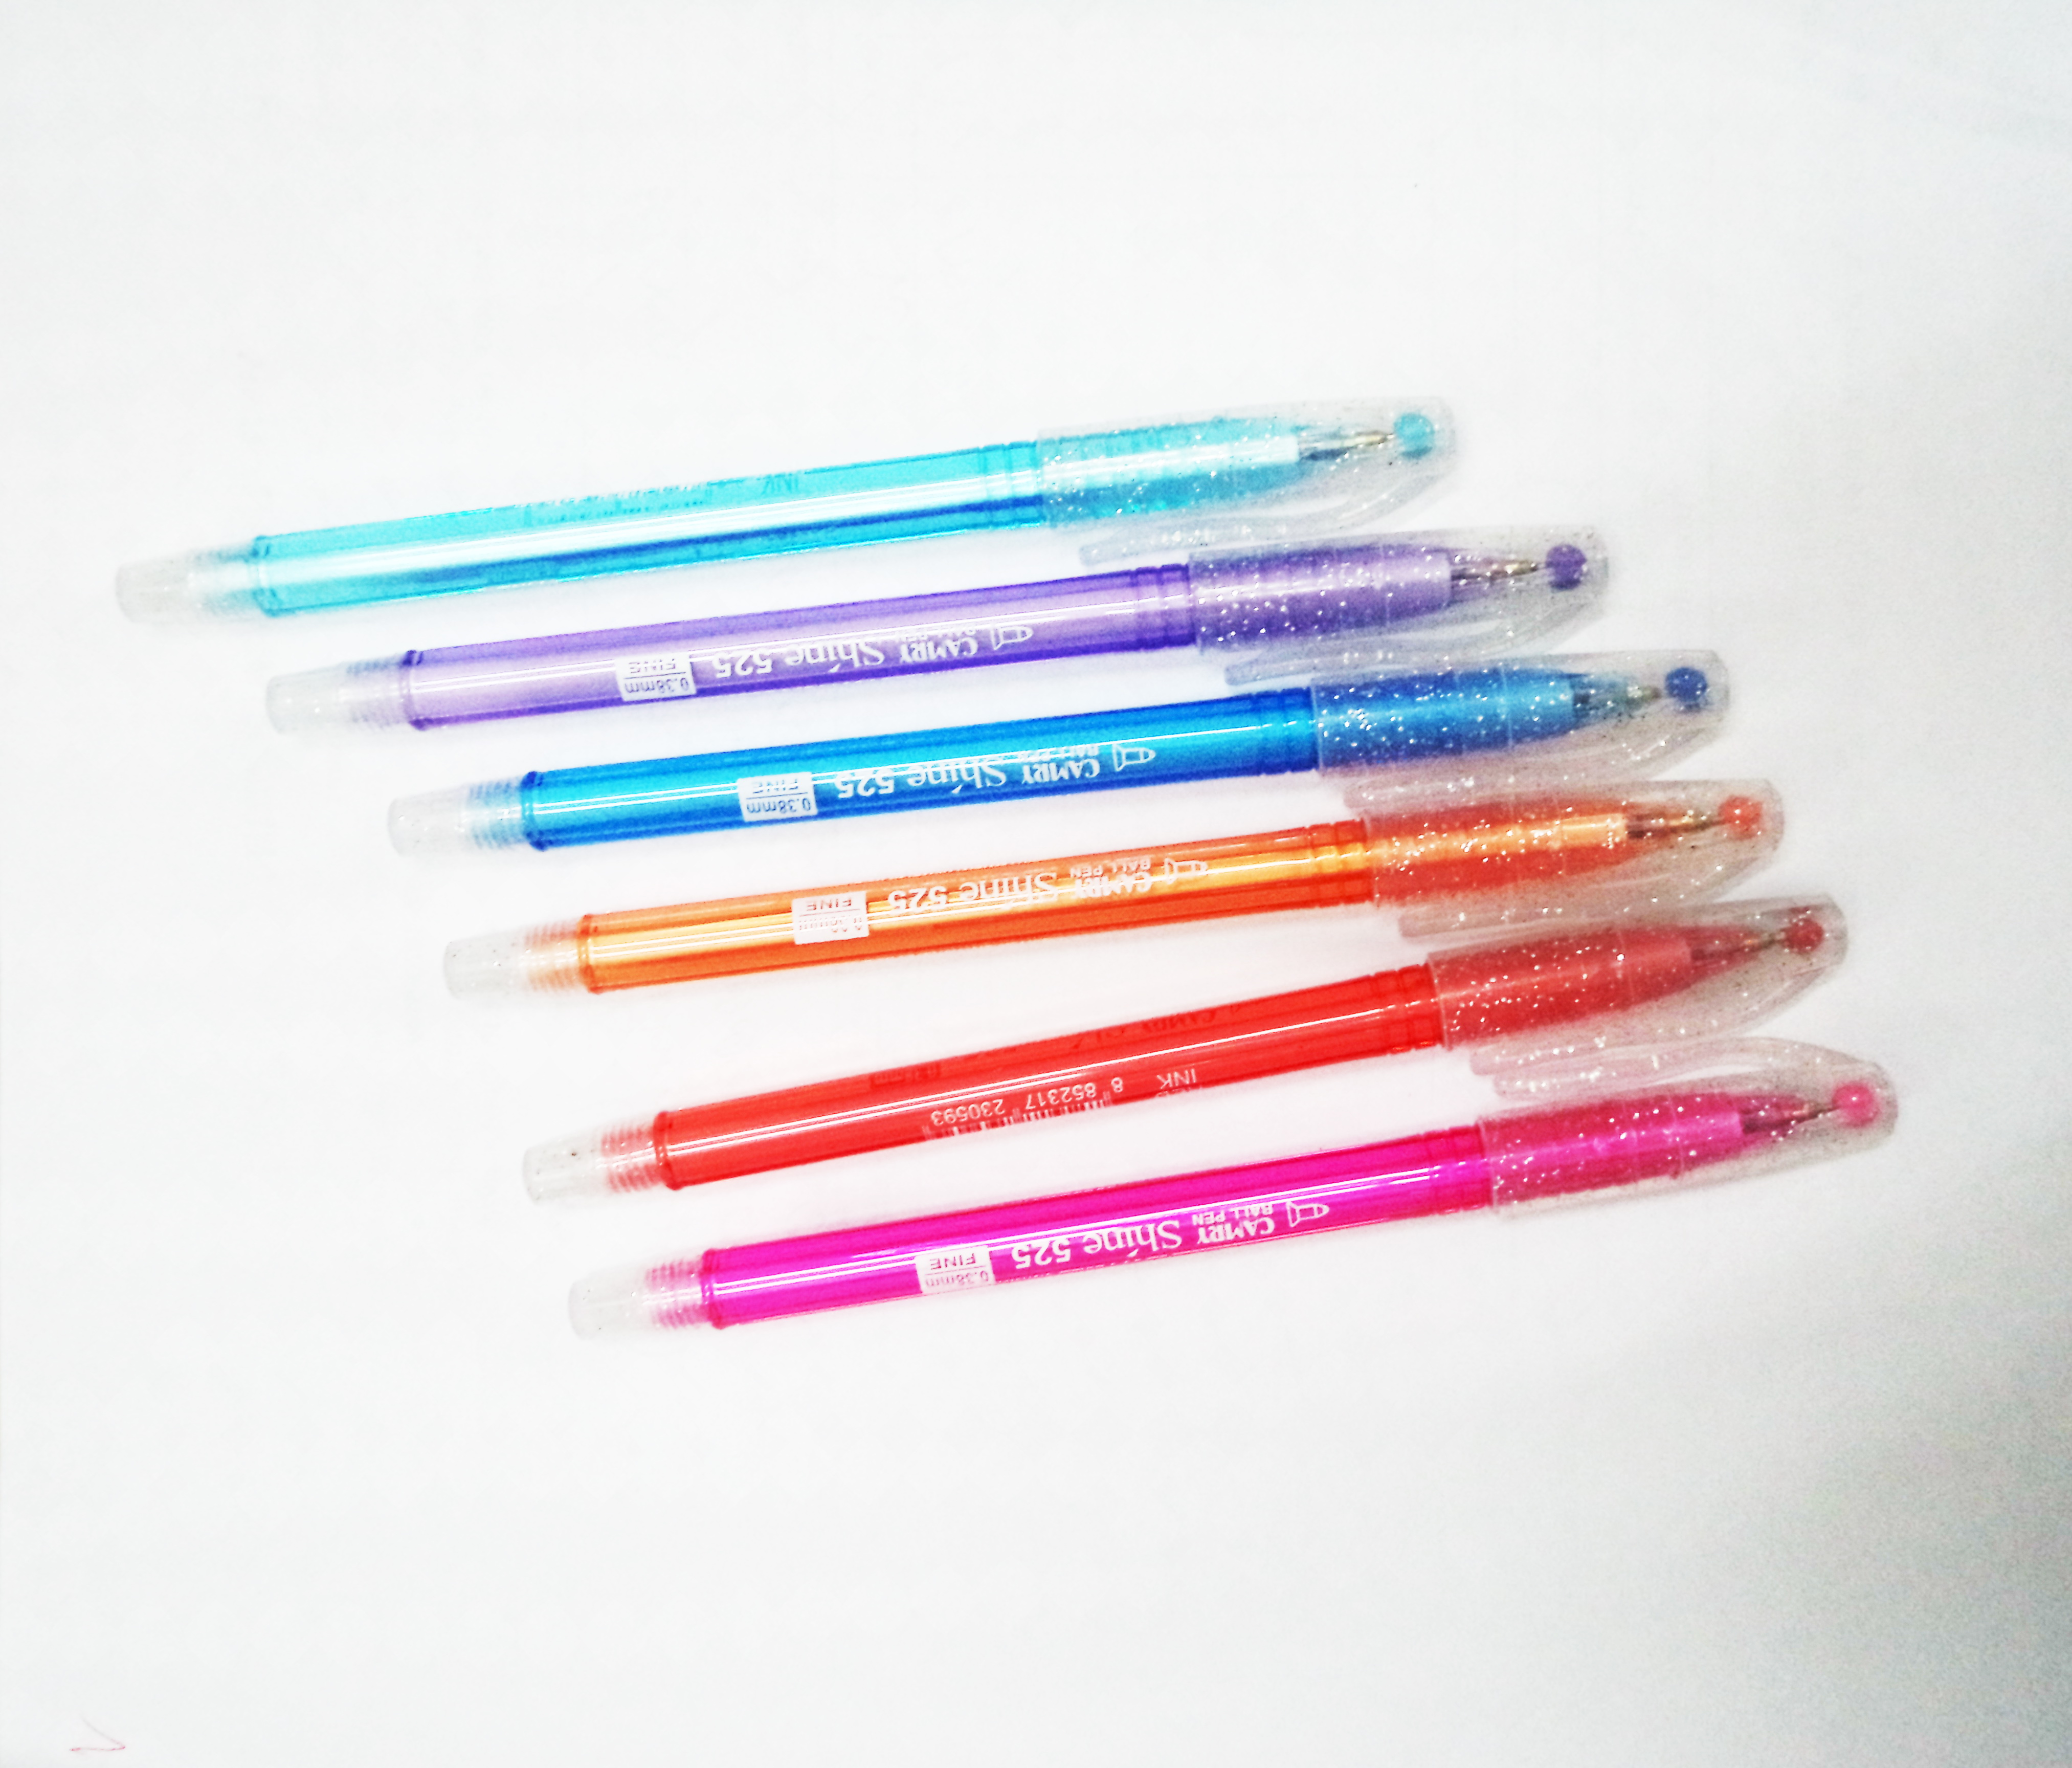 ปากกา semi-gel 0.38 มม. ยี่ห้อ camry แพ็ค 10 ด้าม รหัส 1456